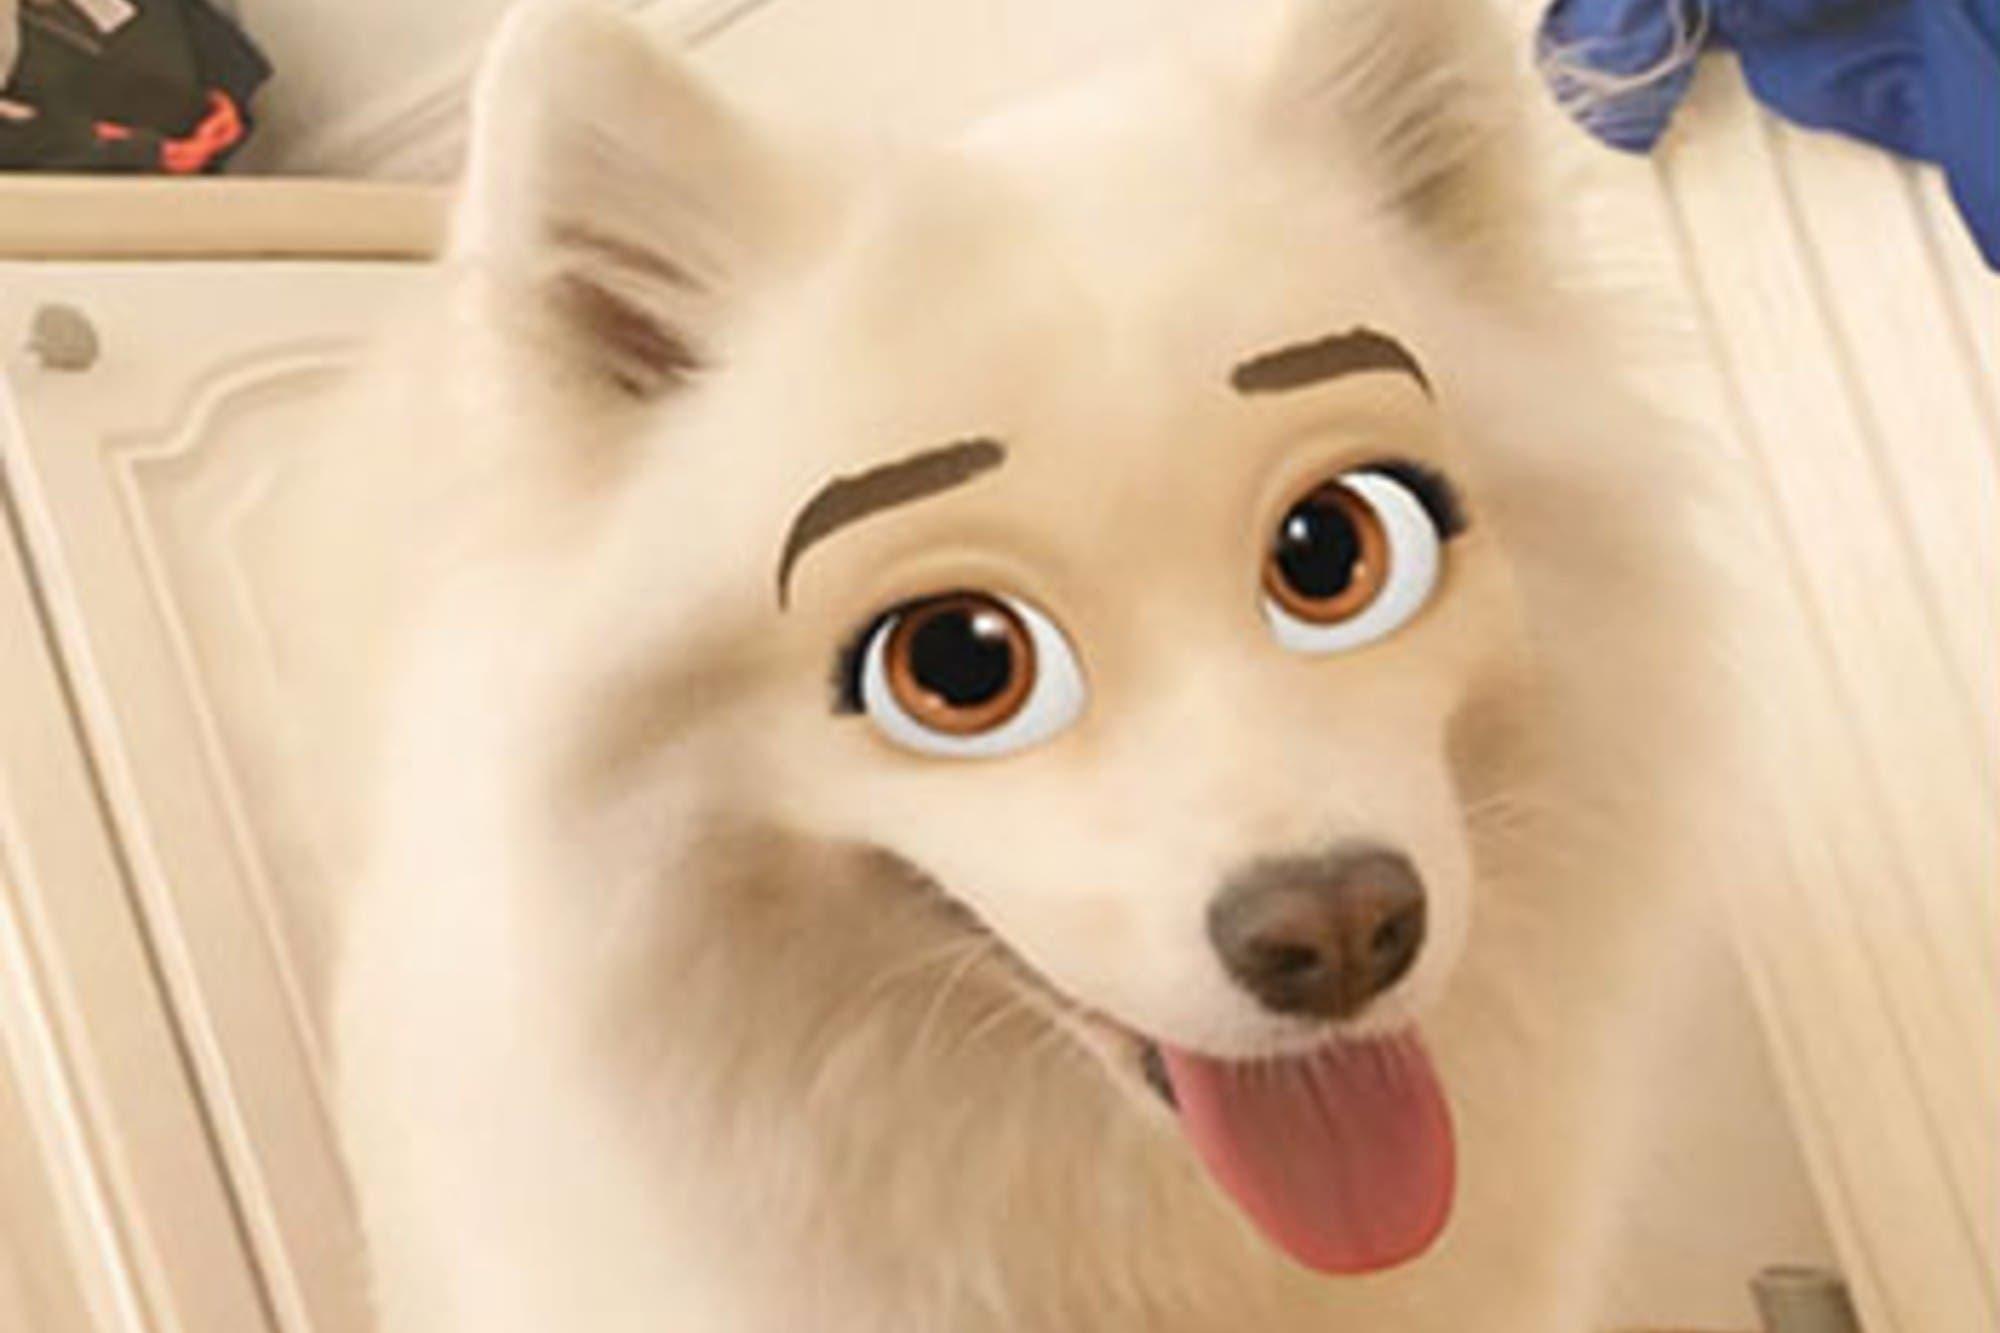 """Snapchat: furor por el filtro que """"convierte"""" a los perros en personajes animados"""